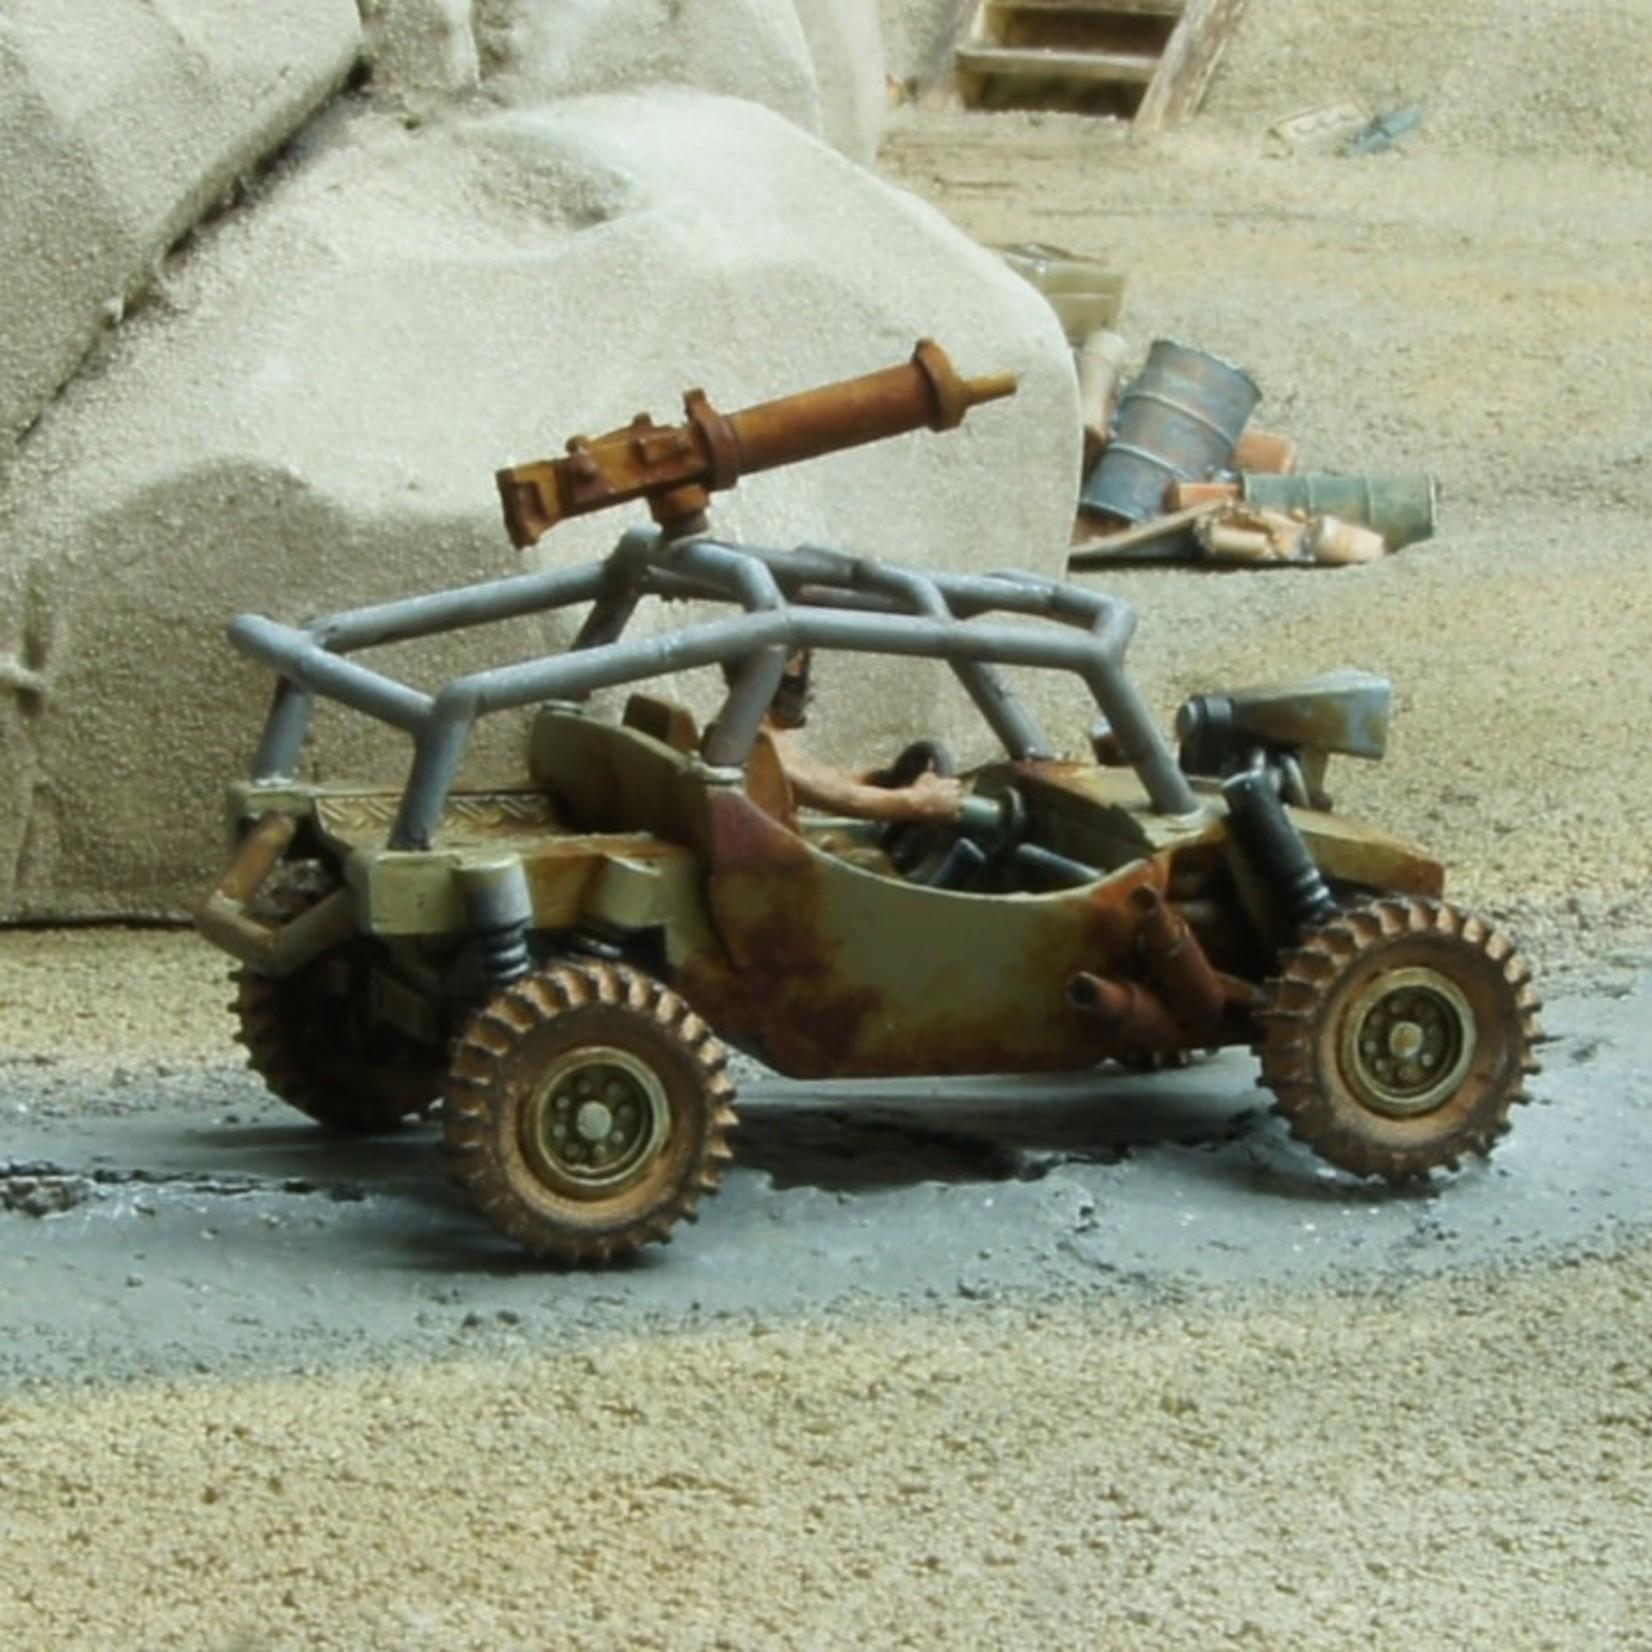 Buggy 2 - Gun Bug